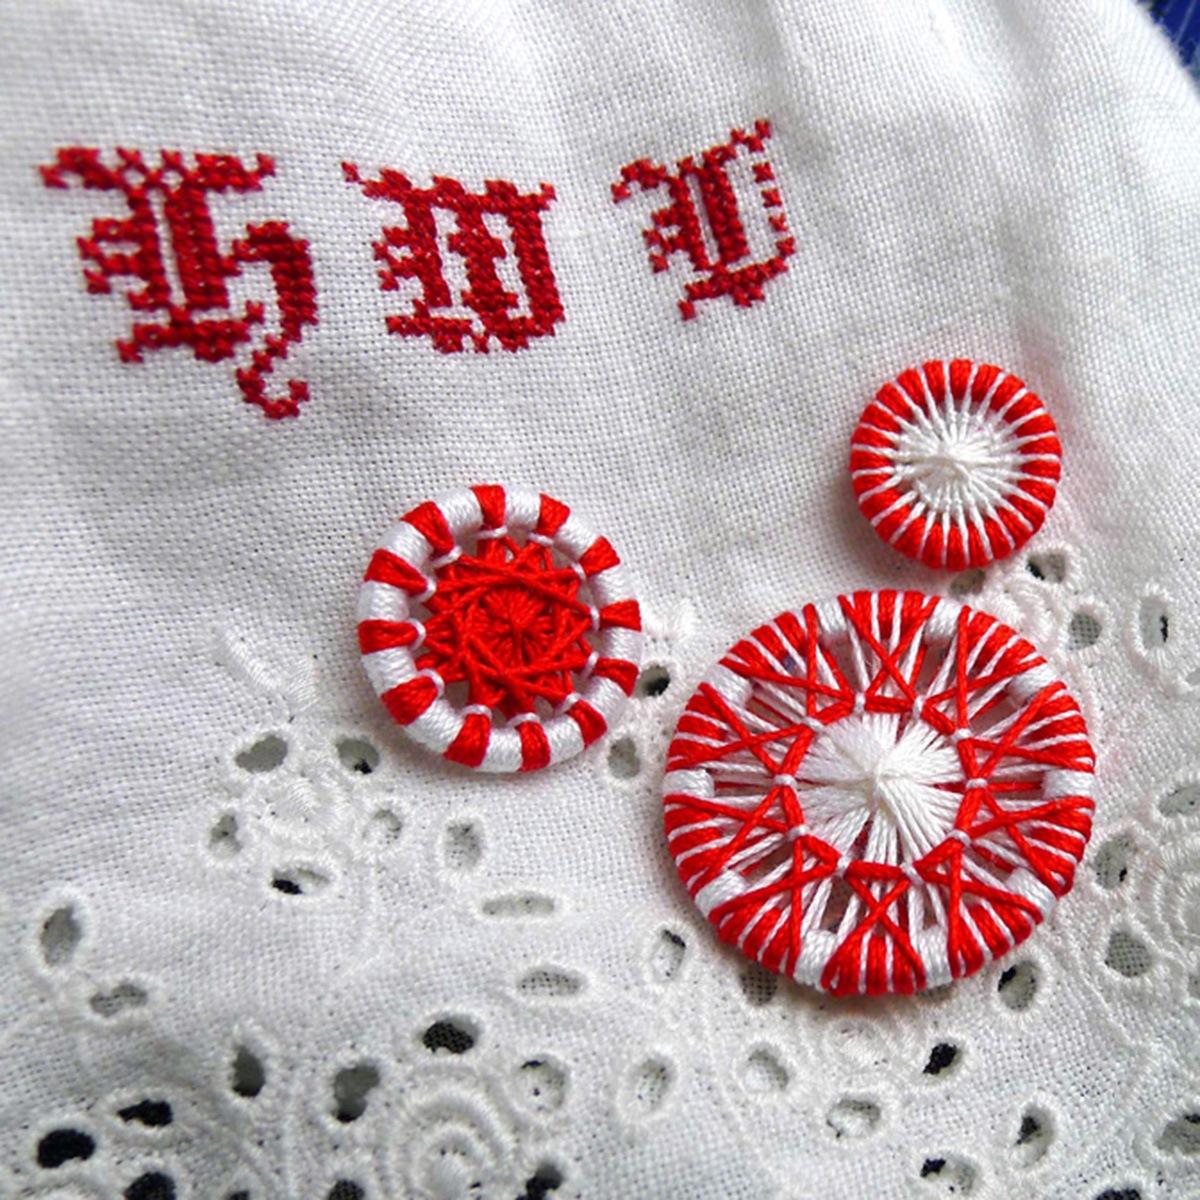 Traditionelle Zwirnknöpfe in Rot und Weiß